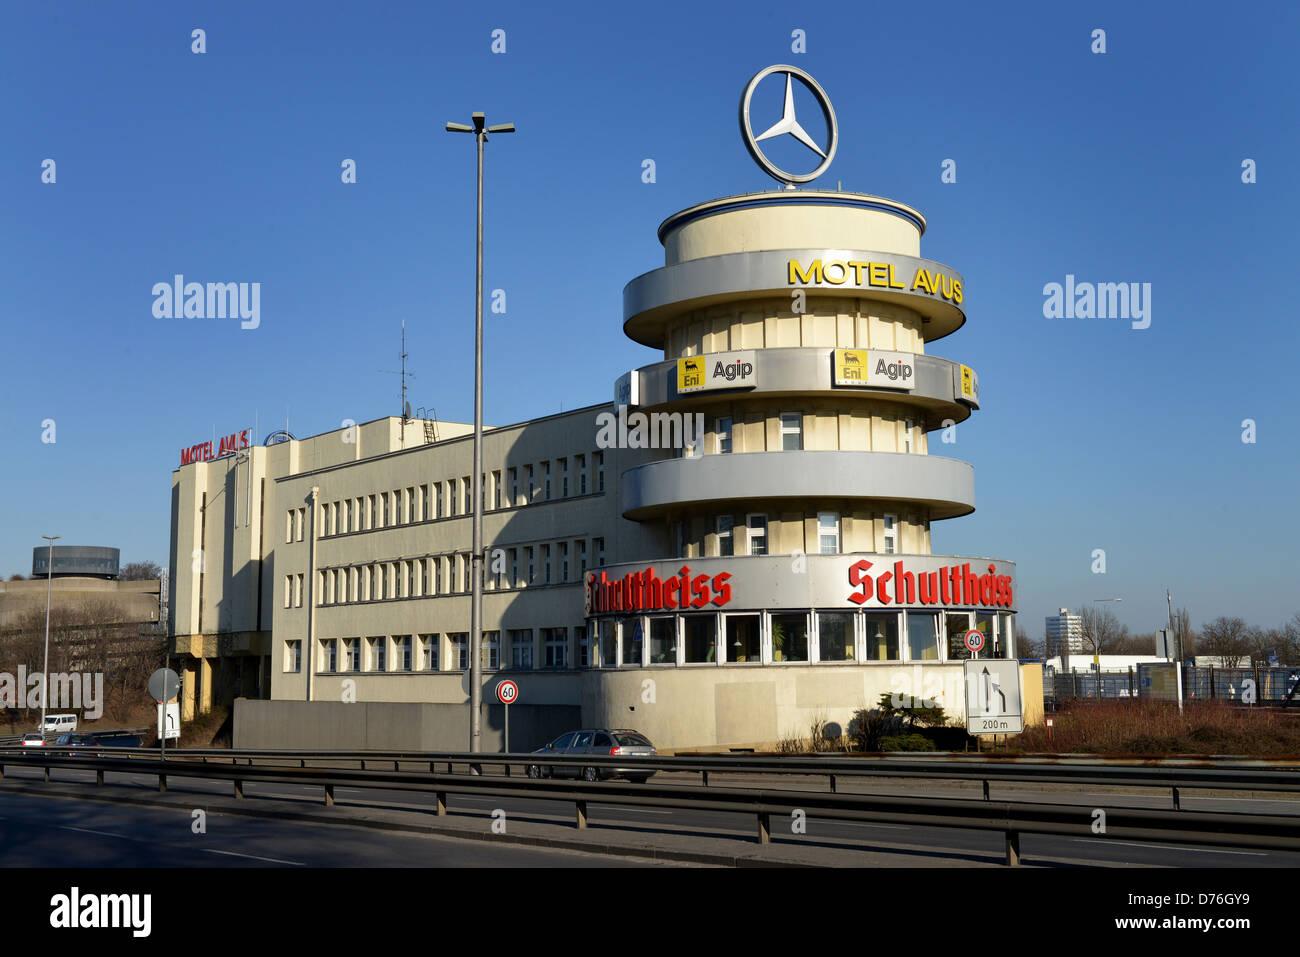 Motel Avus Berlin